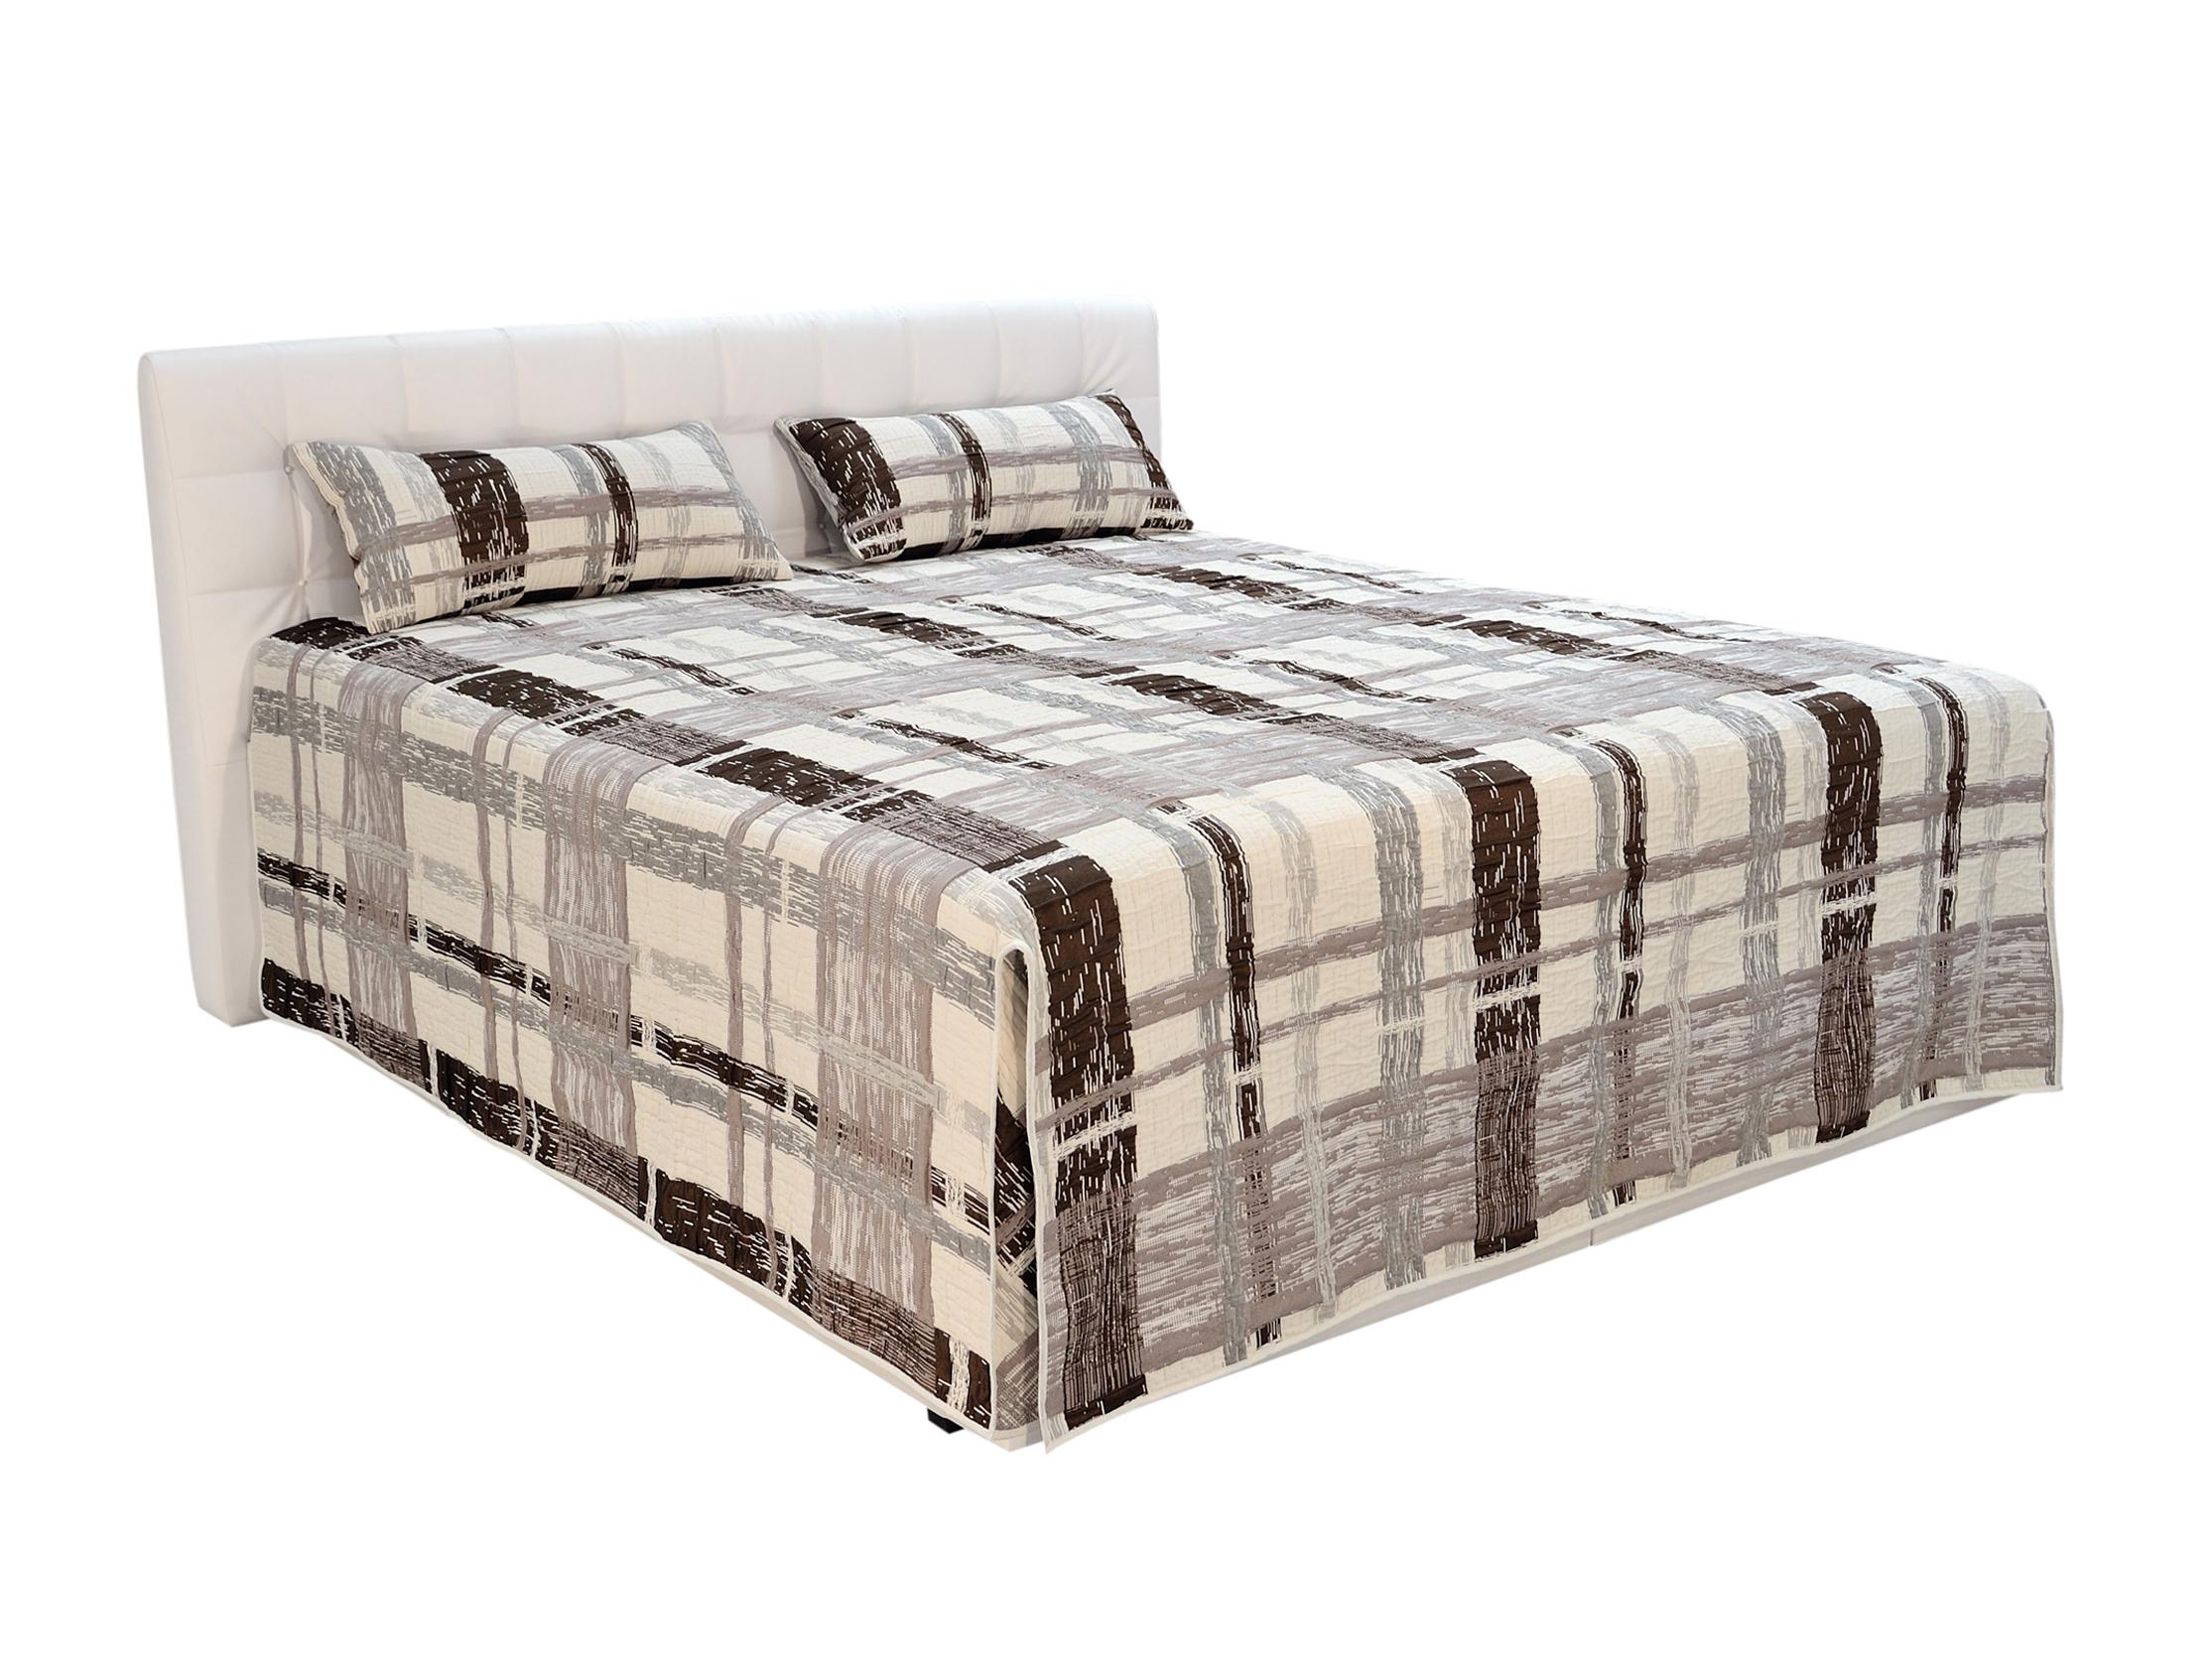 Manželská postel 180 cm - Blanář - Monaco (béžová + bílá) (s rošty a matracemi)